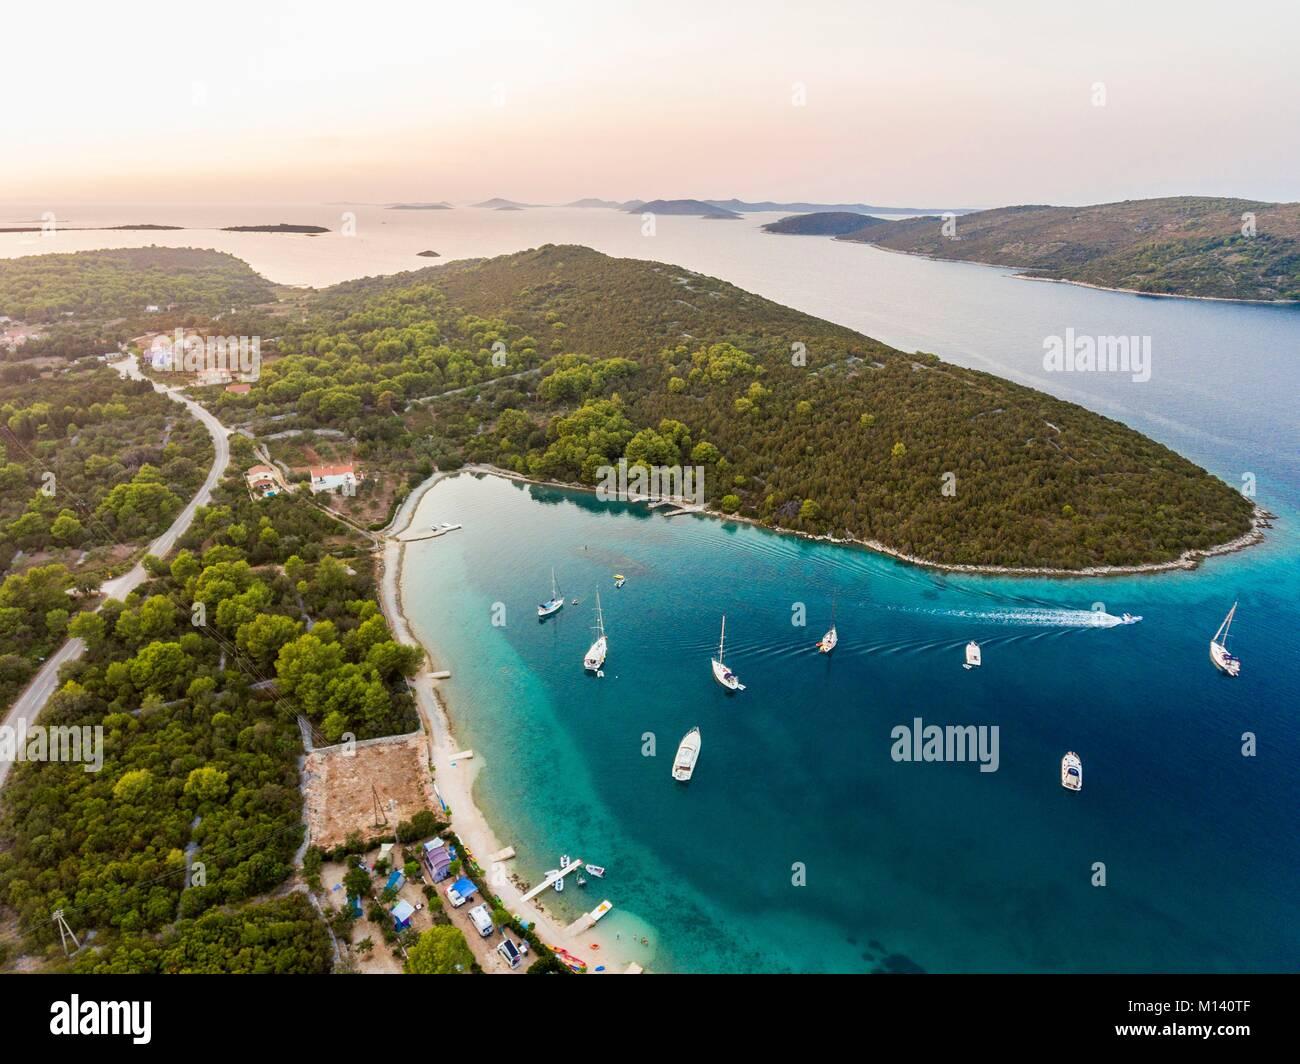 Kroatien, Dalmatien, Dalmatinischen Küste, Zadar, Insel Dugi Otok, camping Verunic (Luftbild) Stockfoto